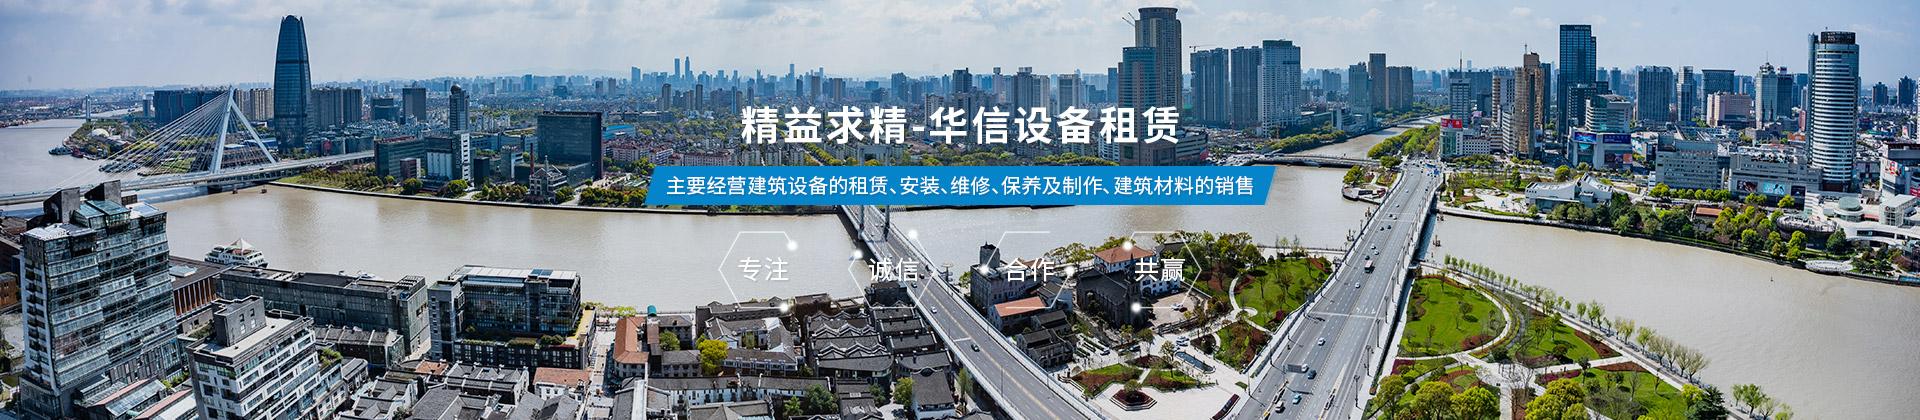 寧波市科技園區華信設備租賃有限公司